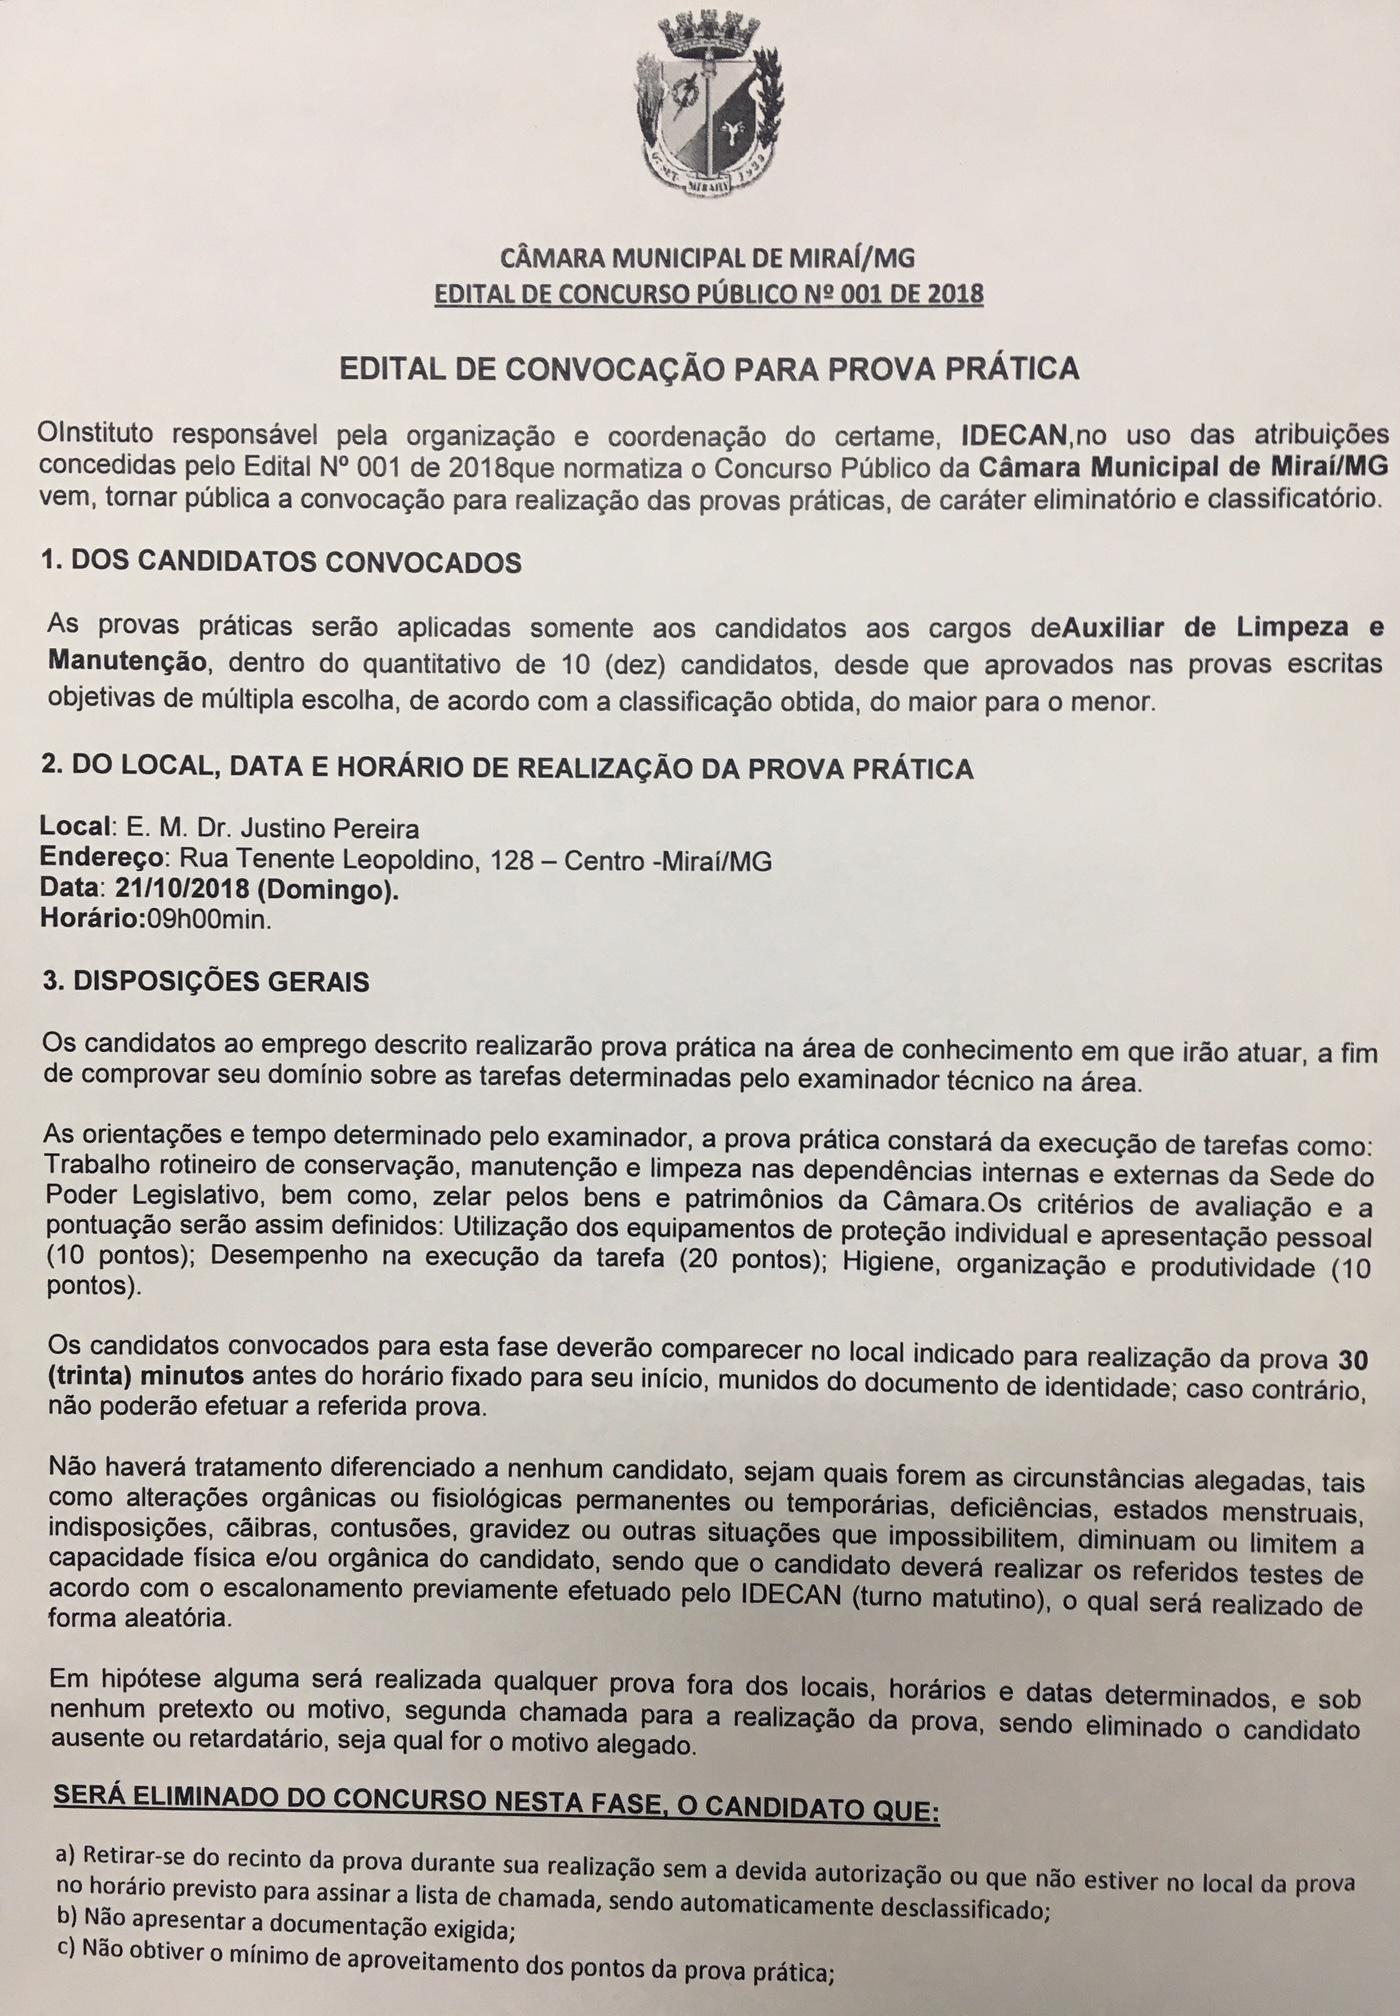 EDITAL DE PUBLICAÇÃO PARA A PROVA PRÁTICA